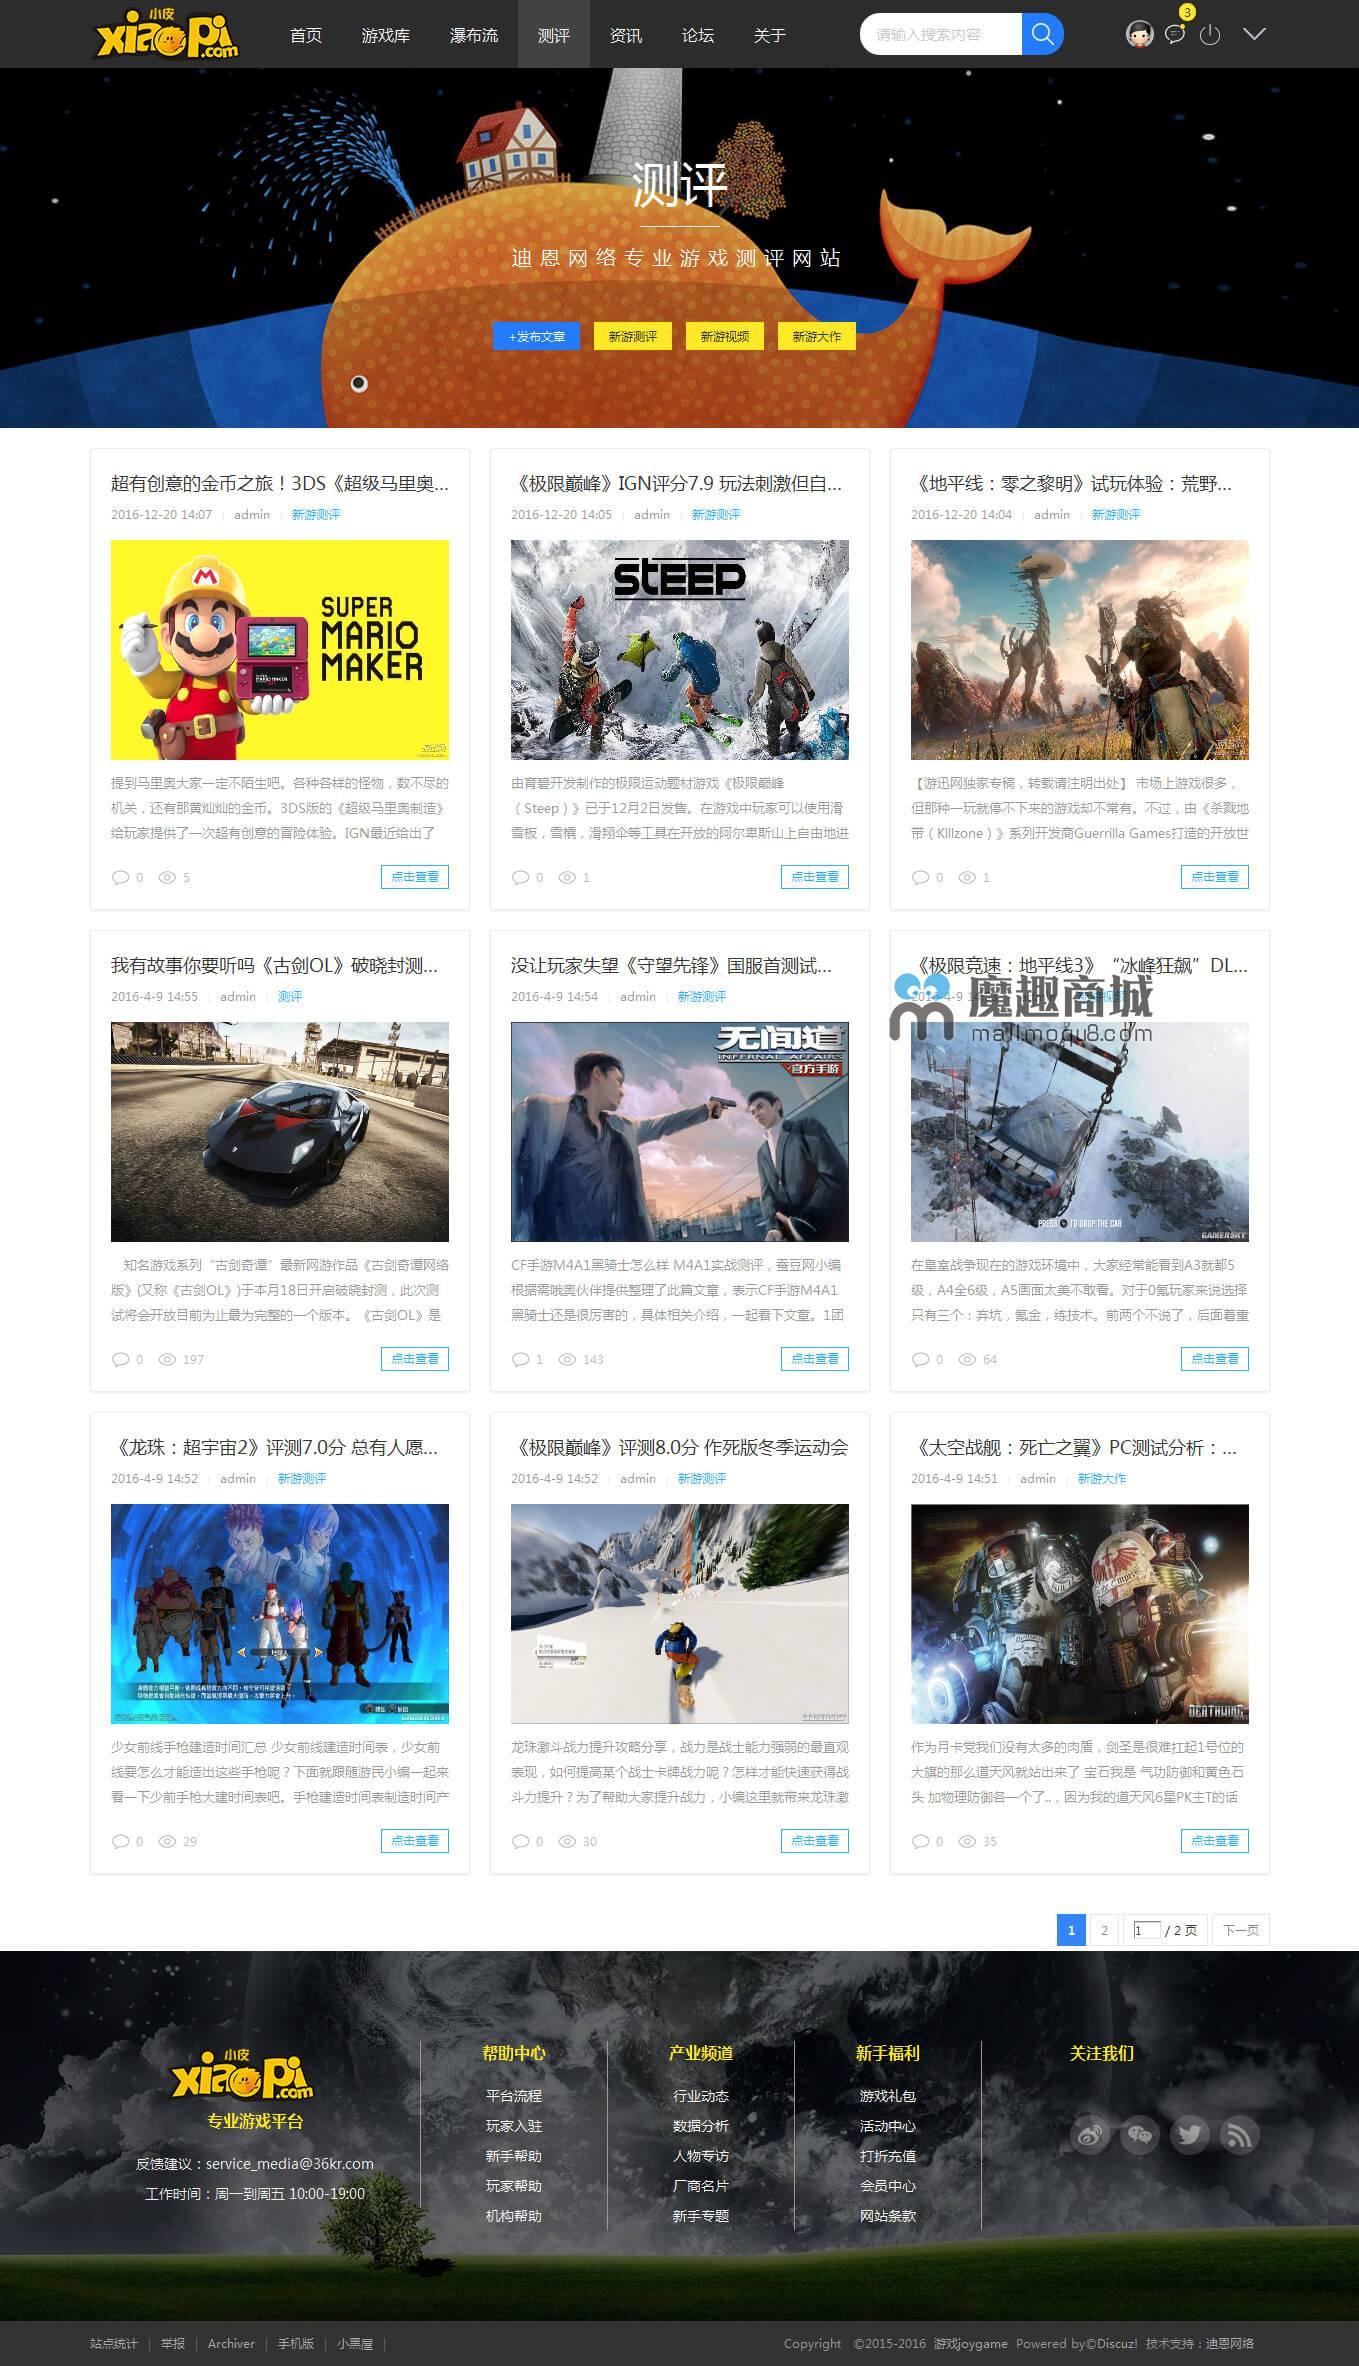 仿小皮游戏/VR游戏/单机网游下载站模板